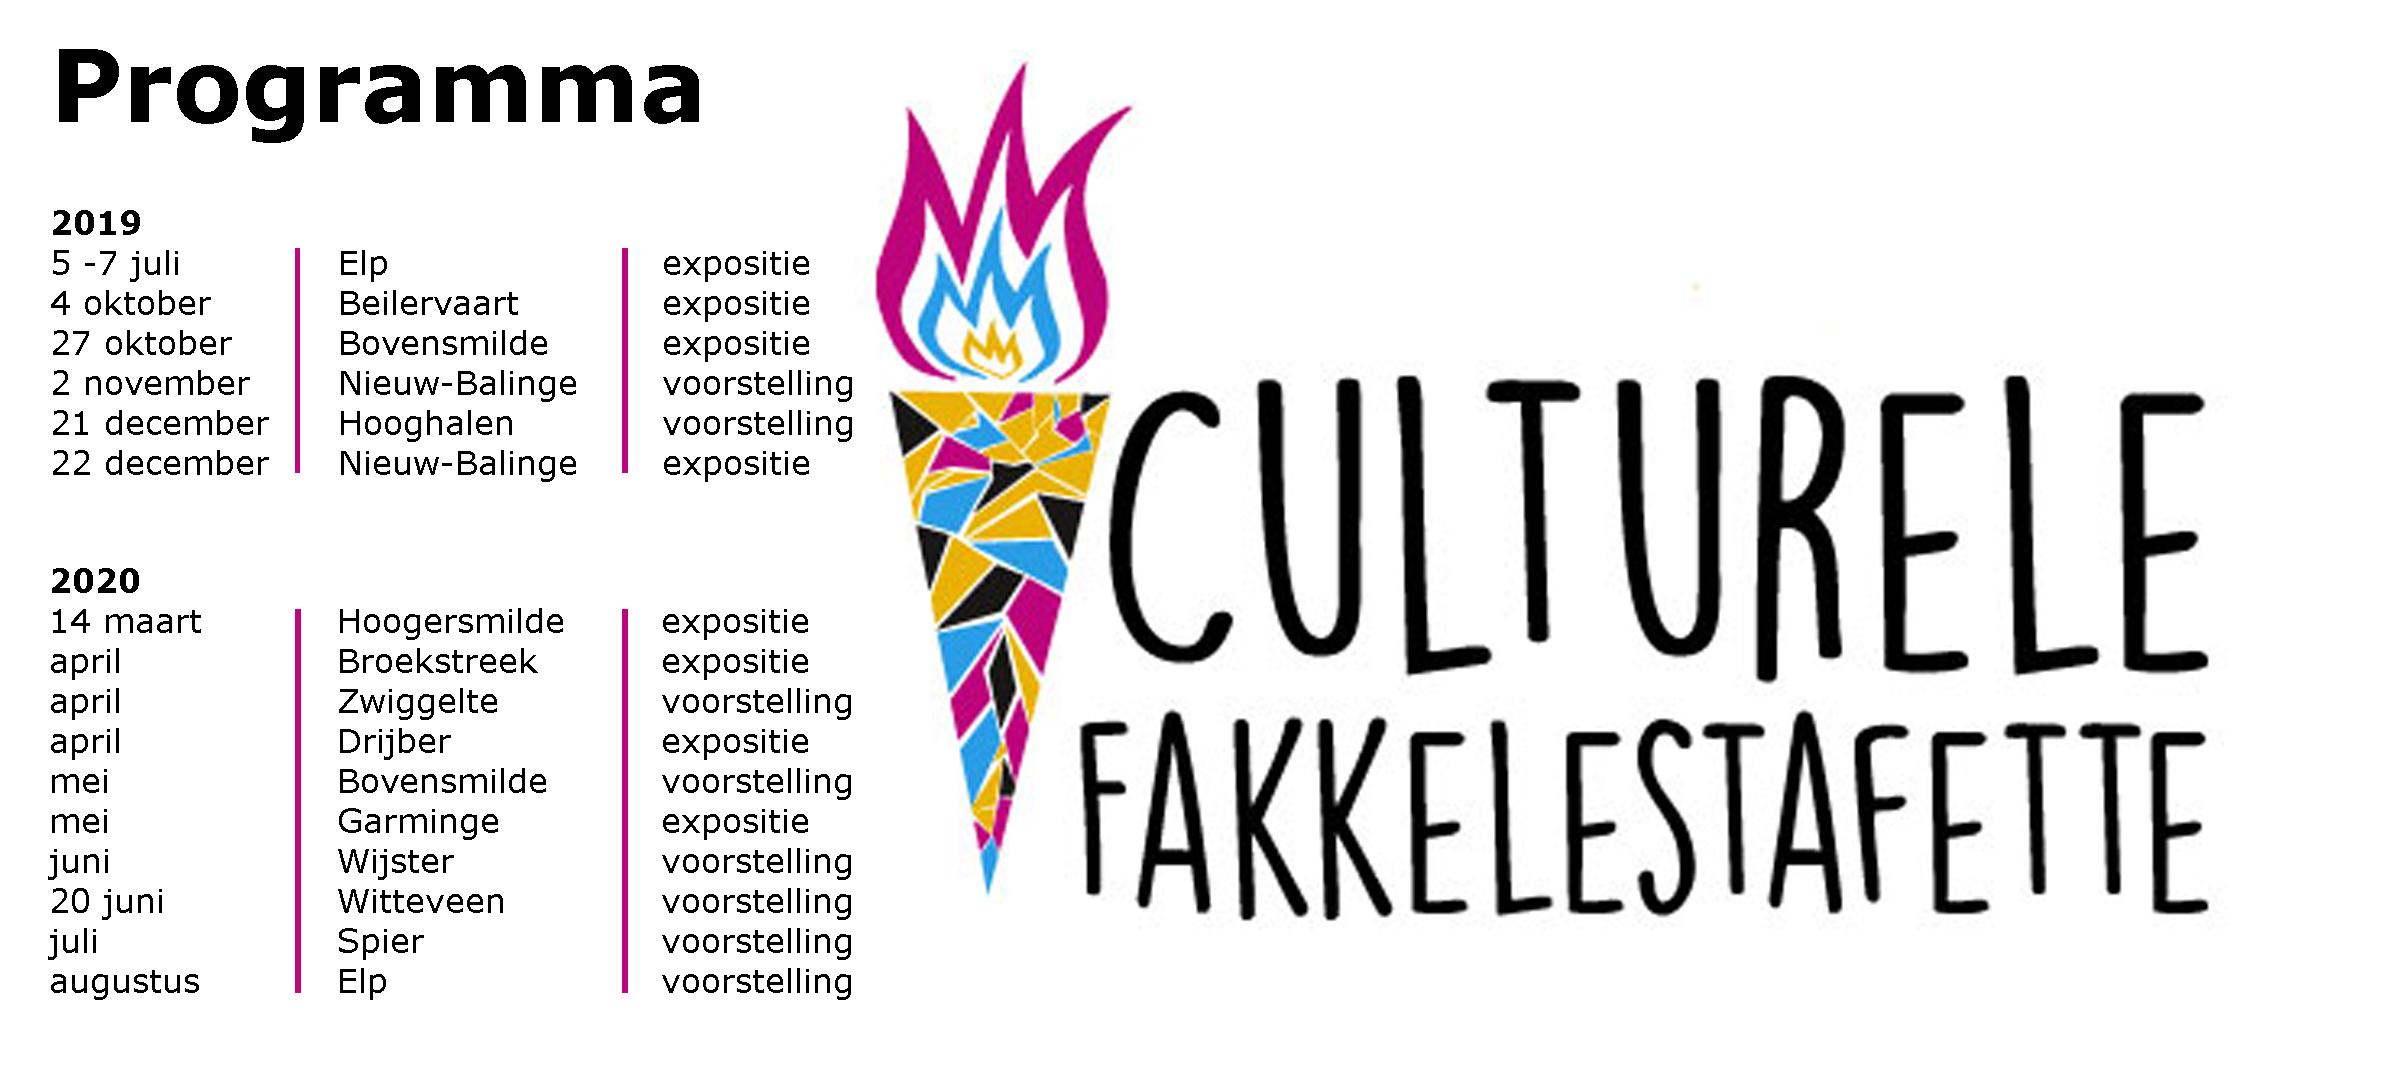 Programma culturele fakkelestafette